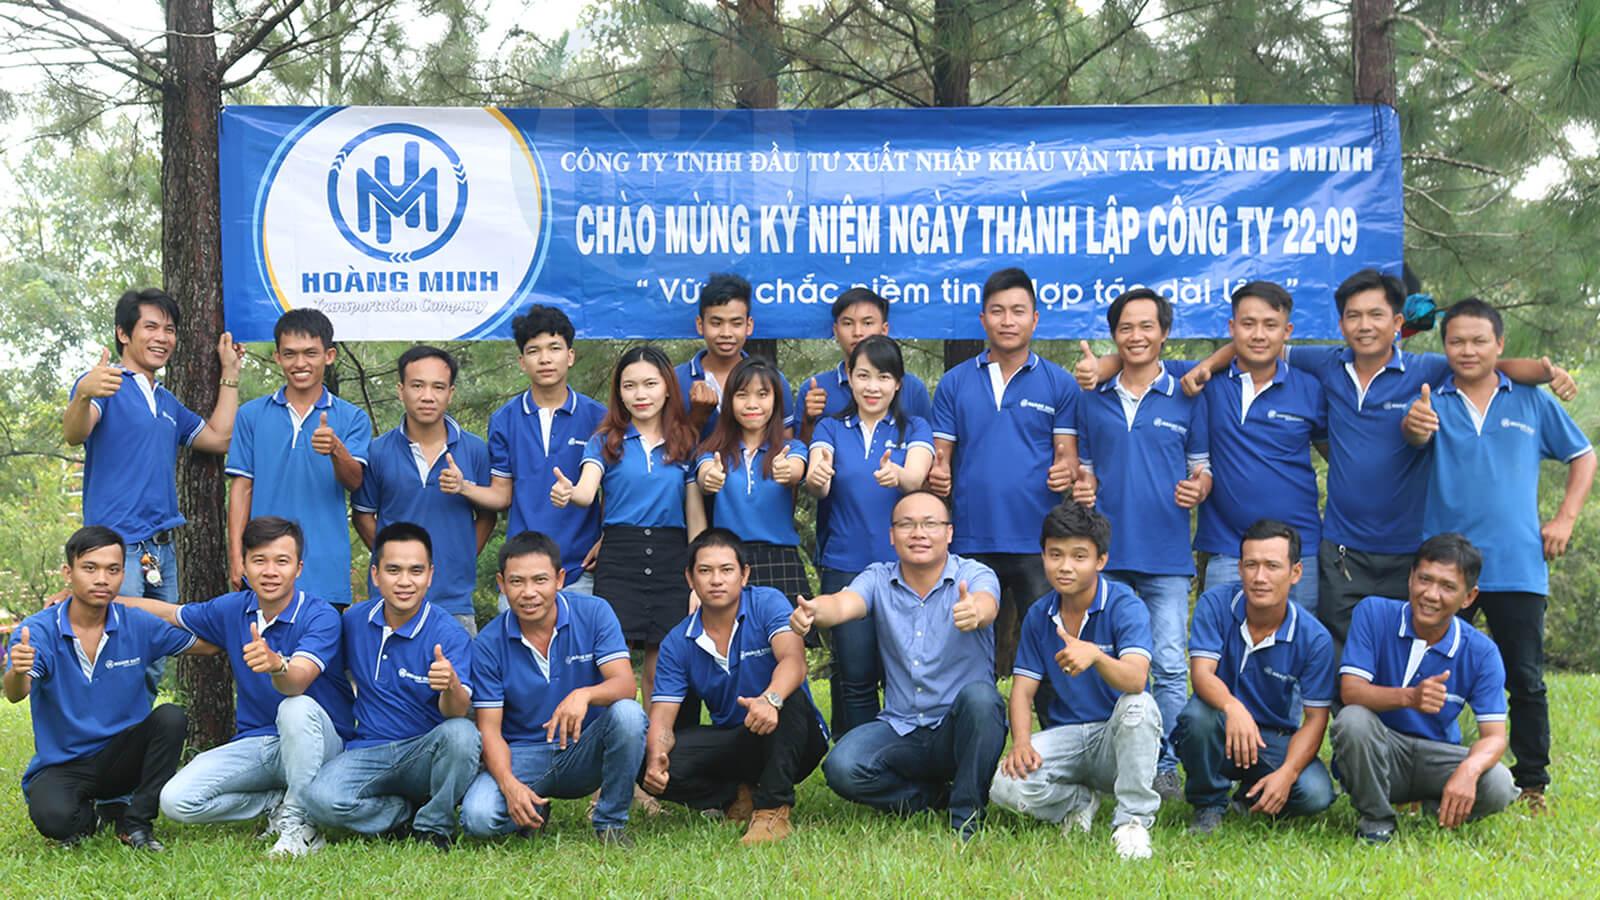 Cong-ty-van-tai-Hoang-Minh-1.jpg